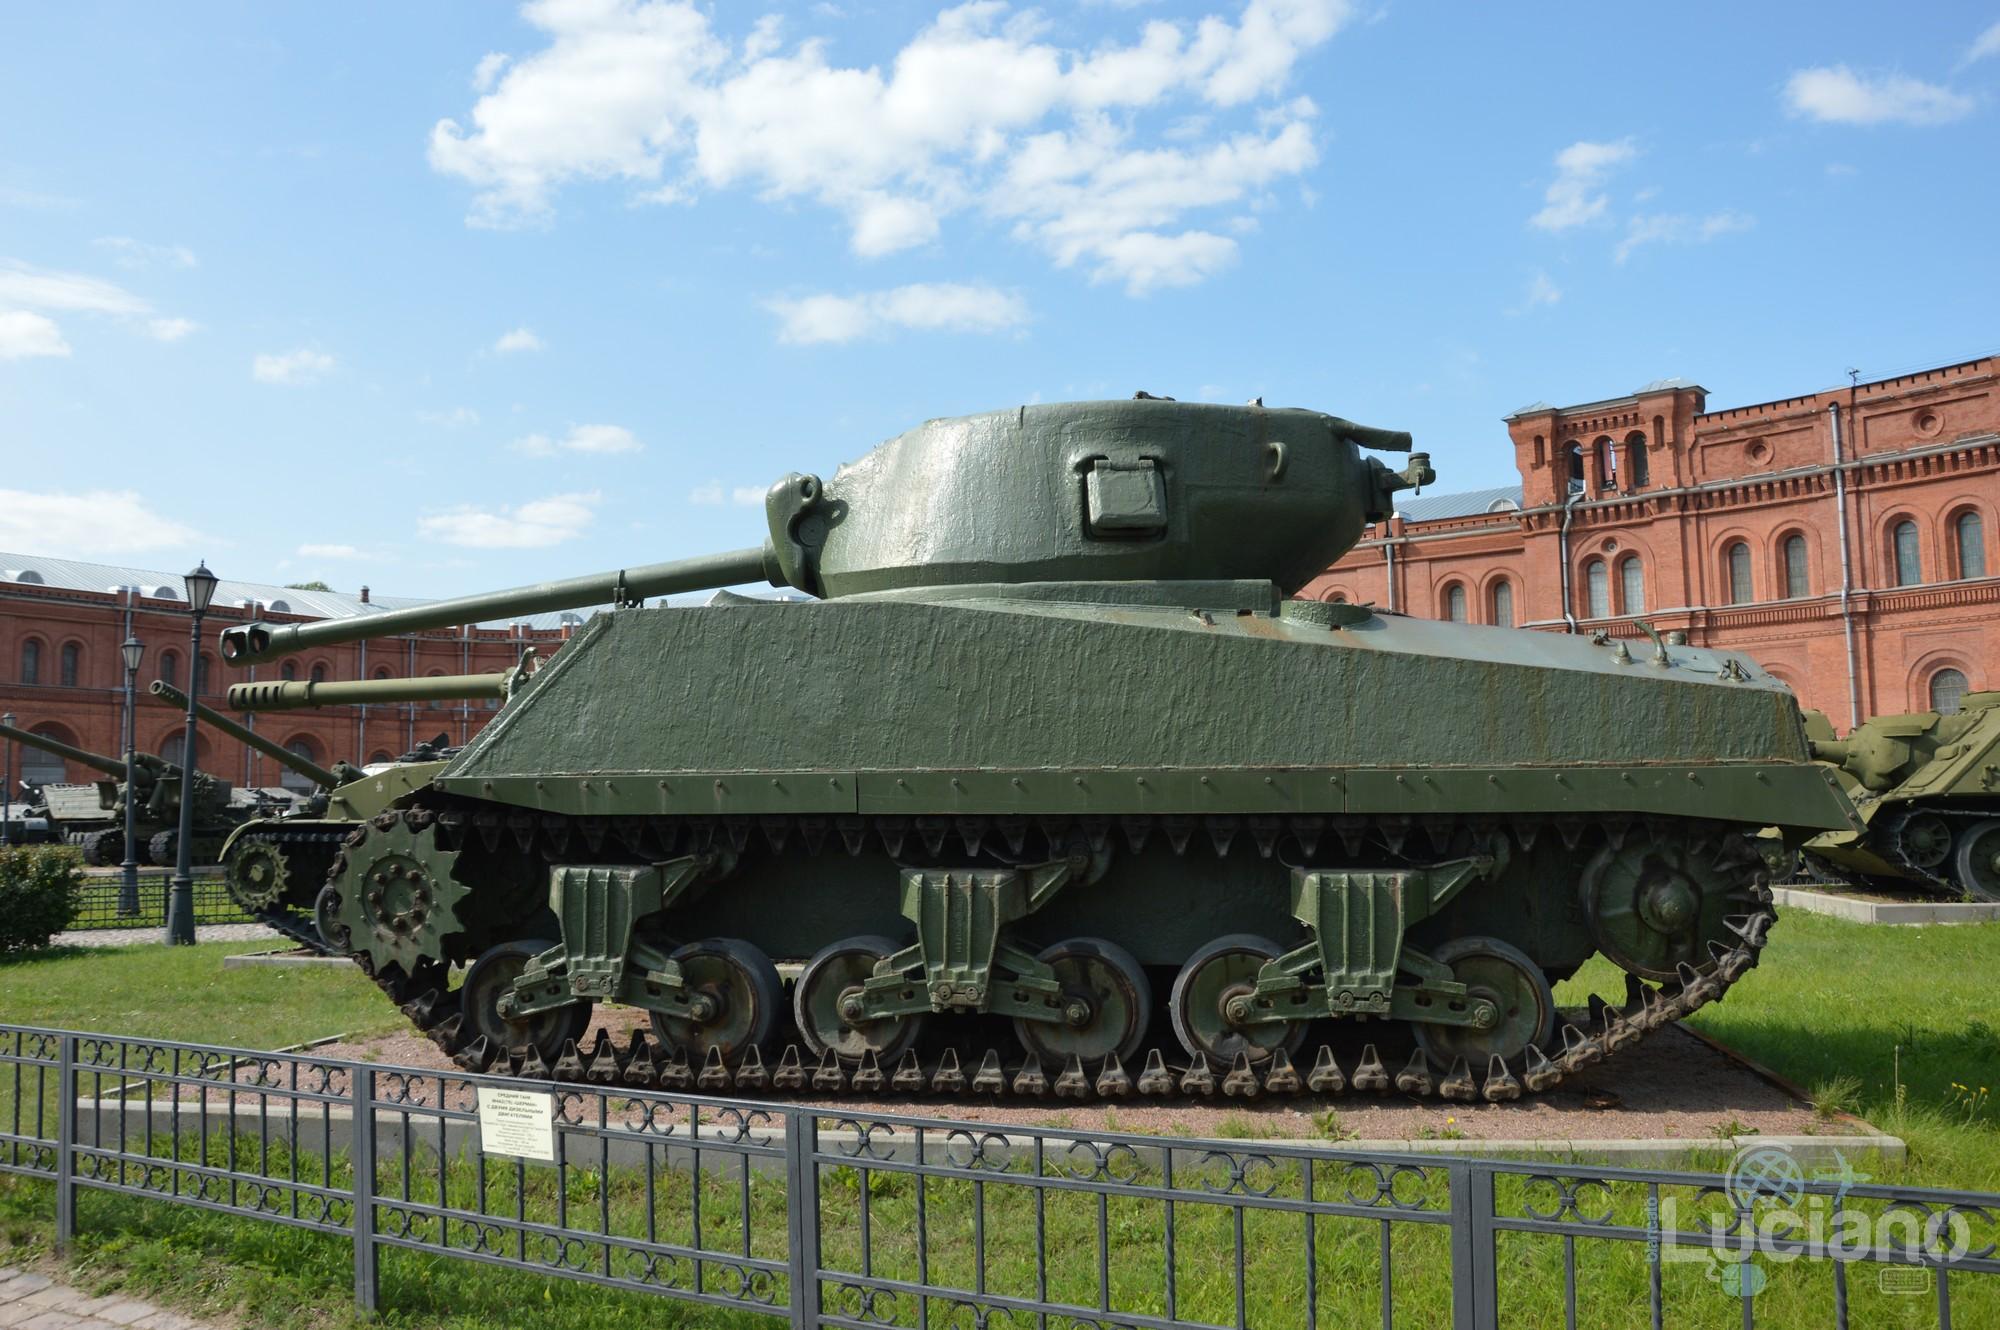 Museo storico militare di artiglieria, del genio e del Corpo delle comunicazioni – San Pietroburgo – Russia